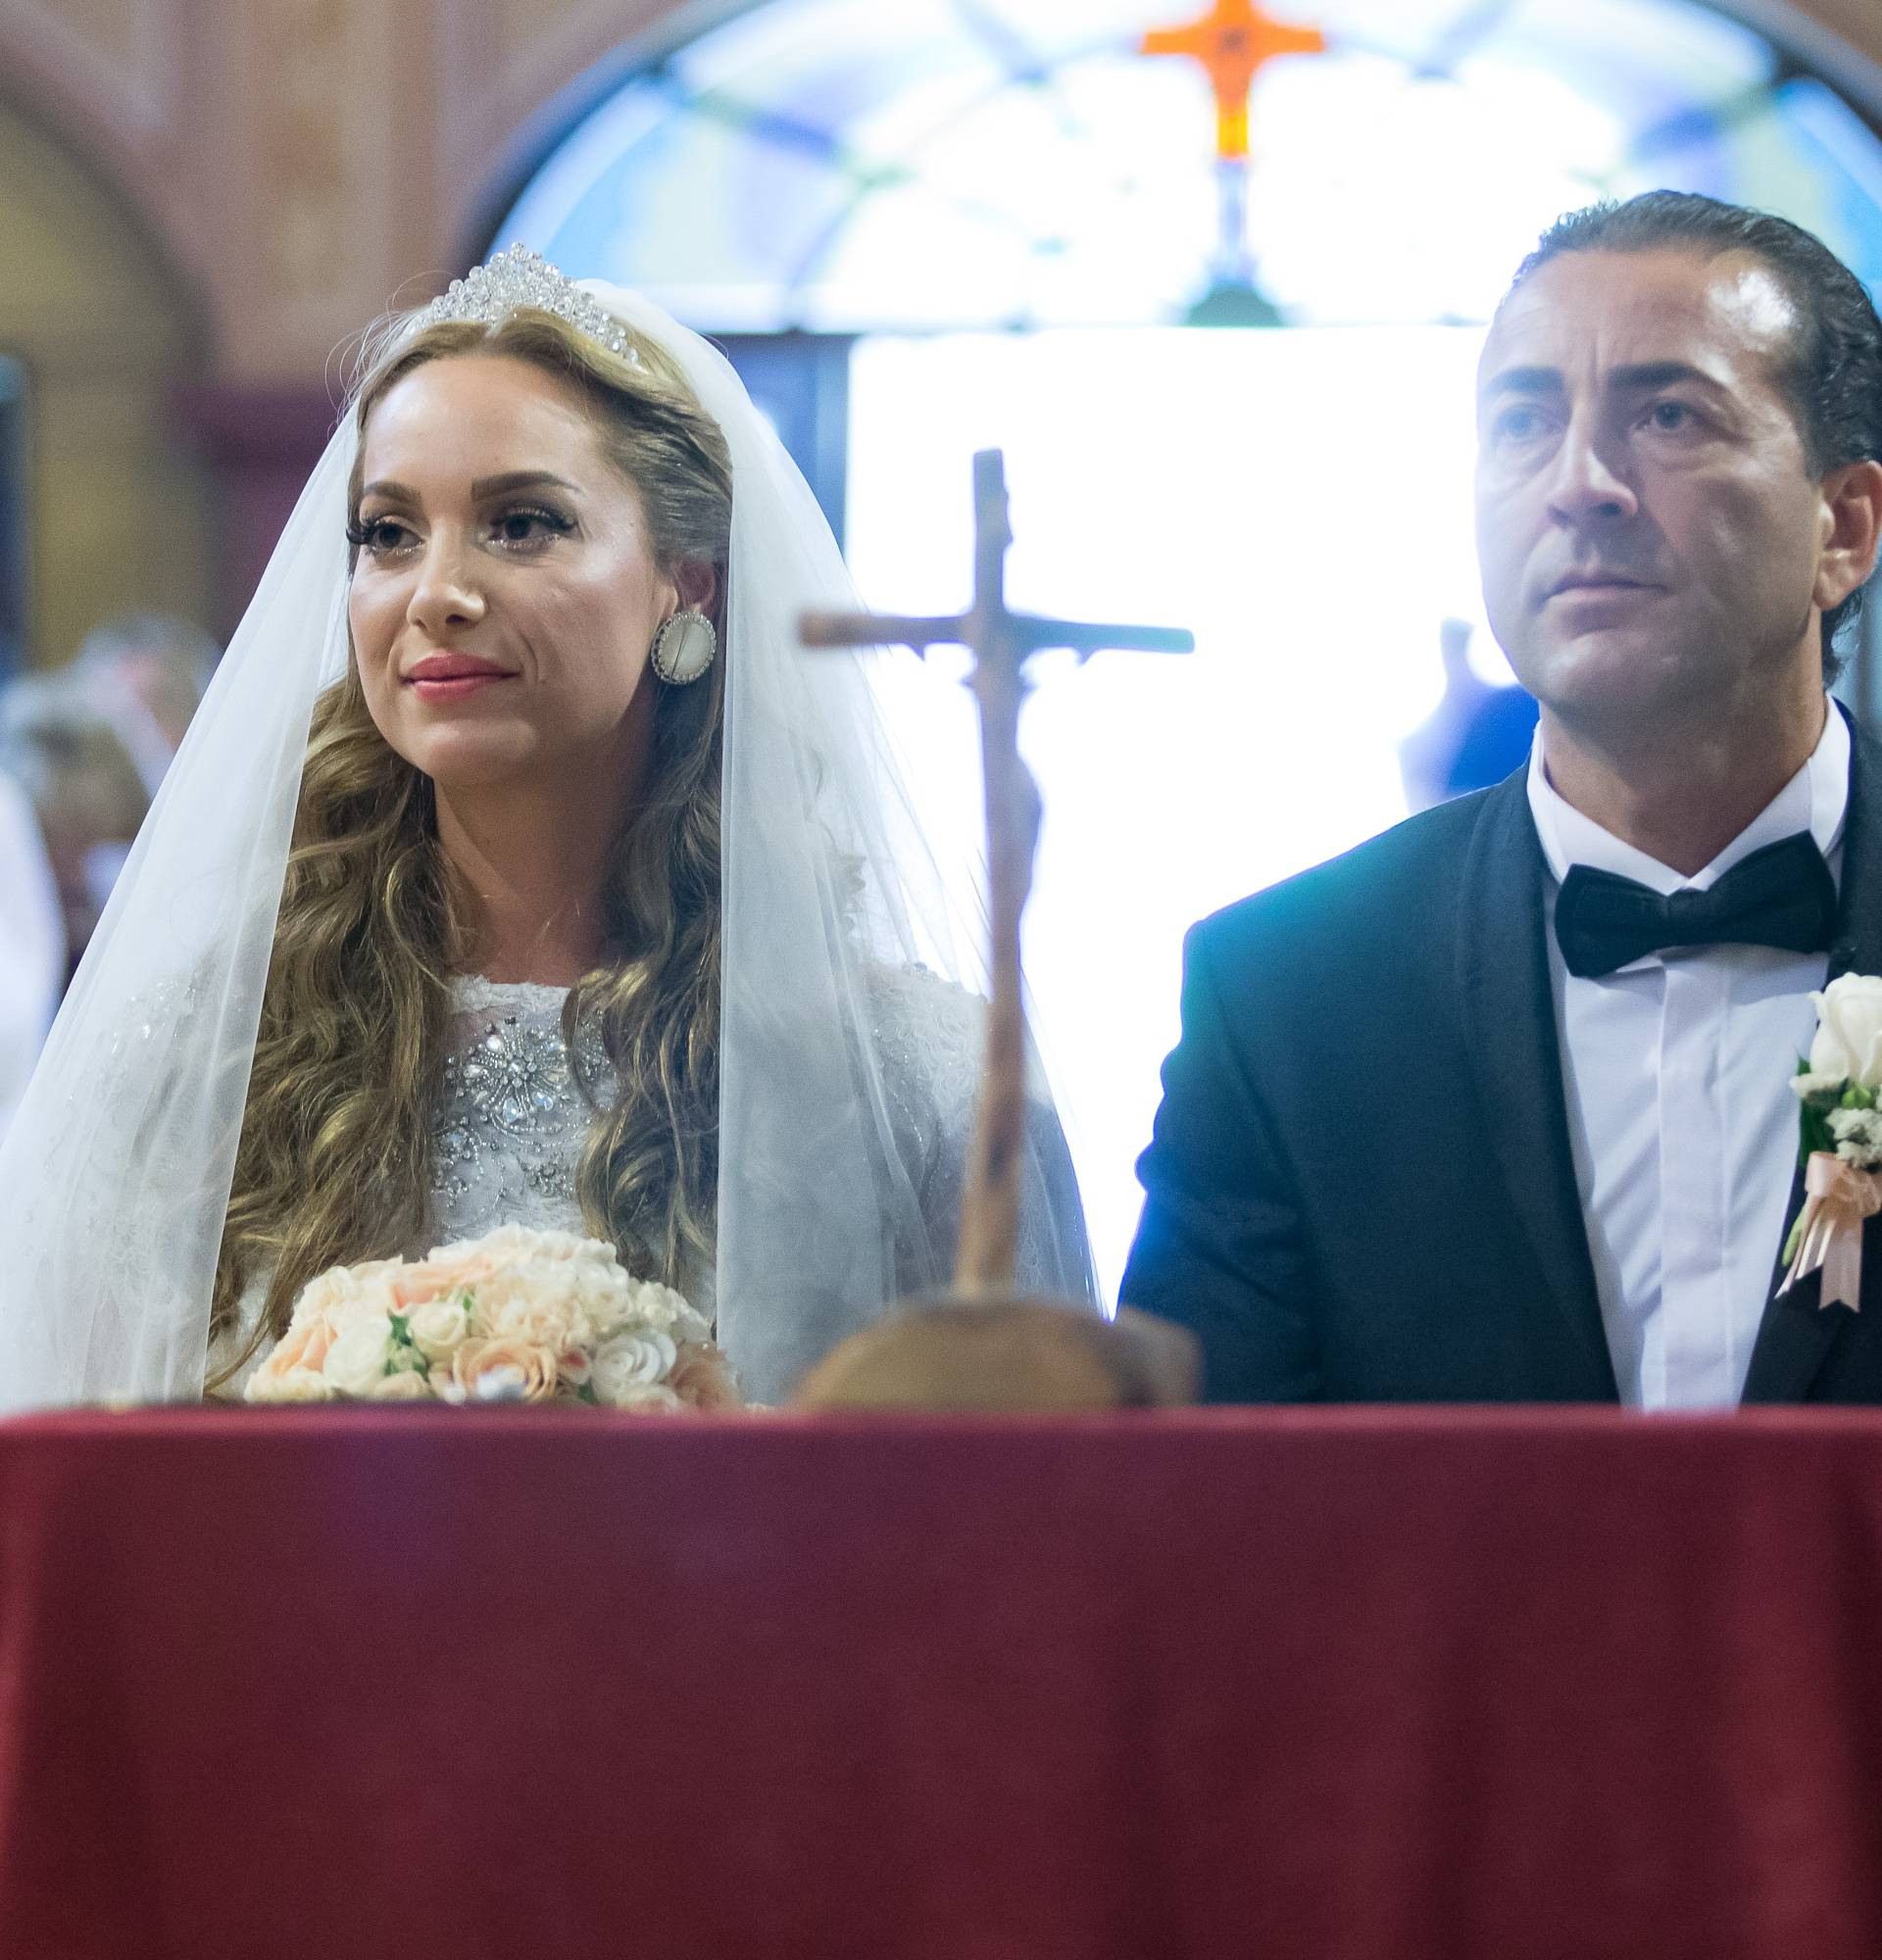 Simona na vjenčanju plakala od sreće: U brak ulazimo u čistoći